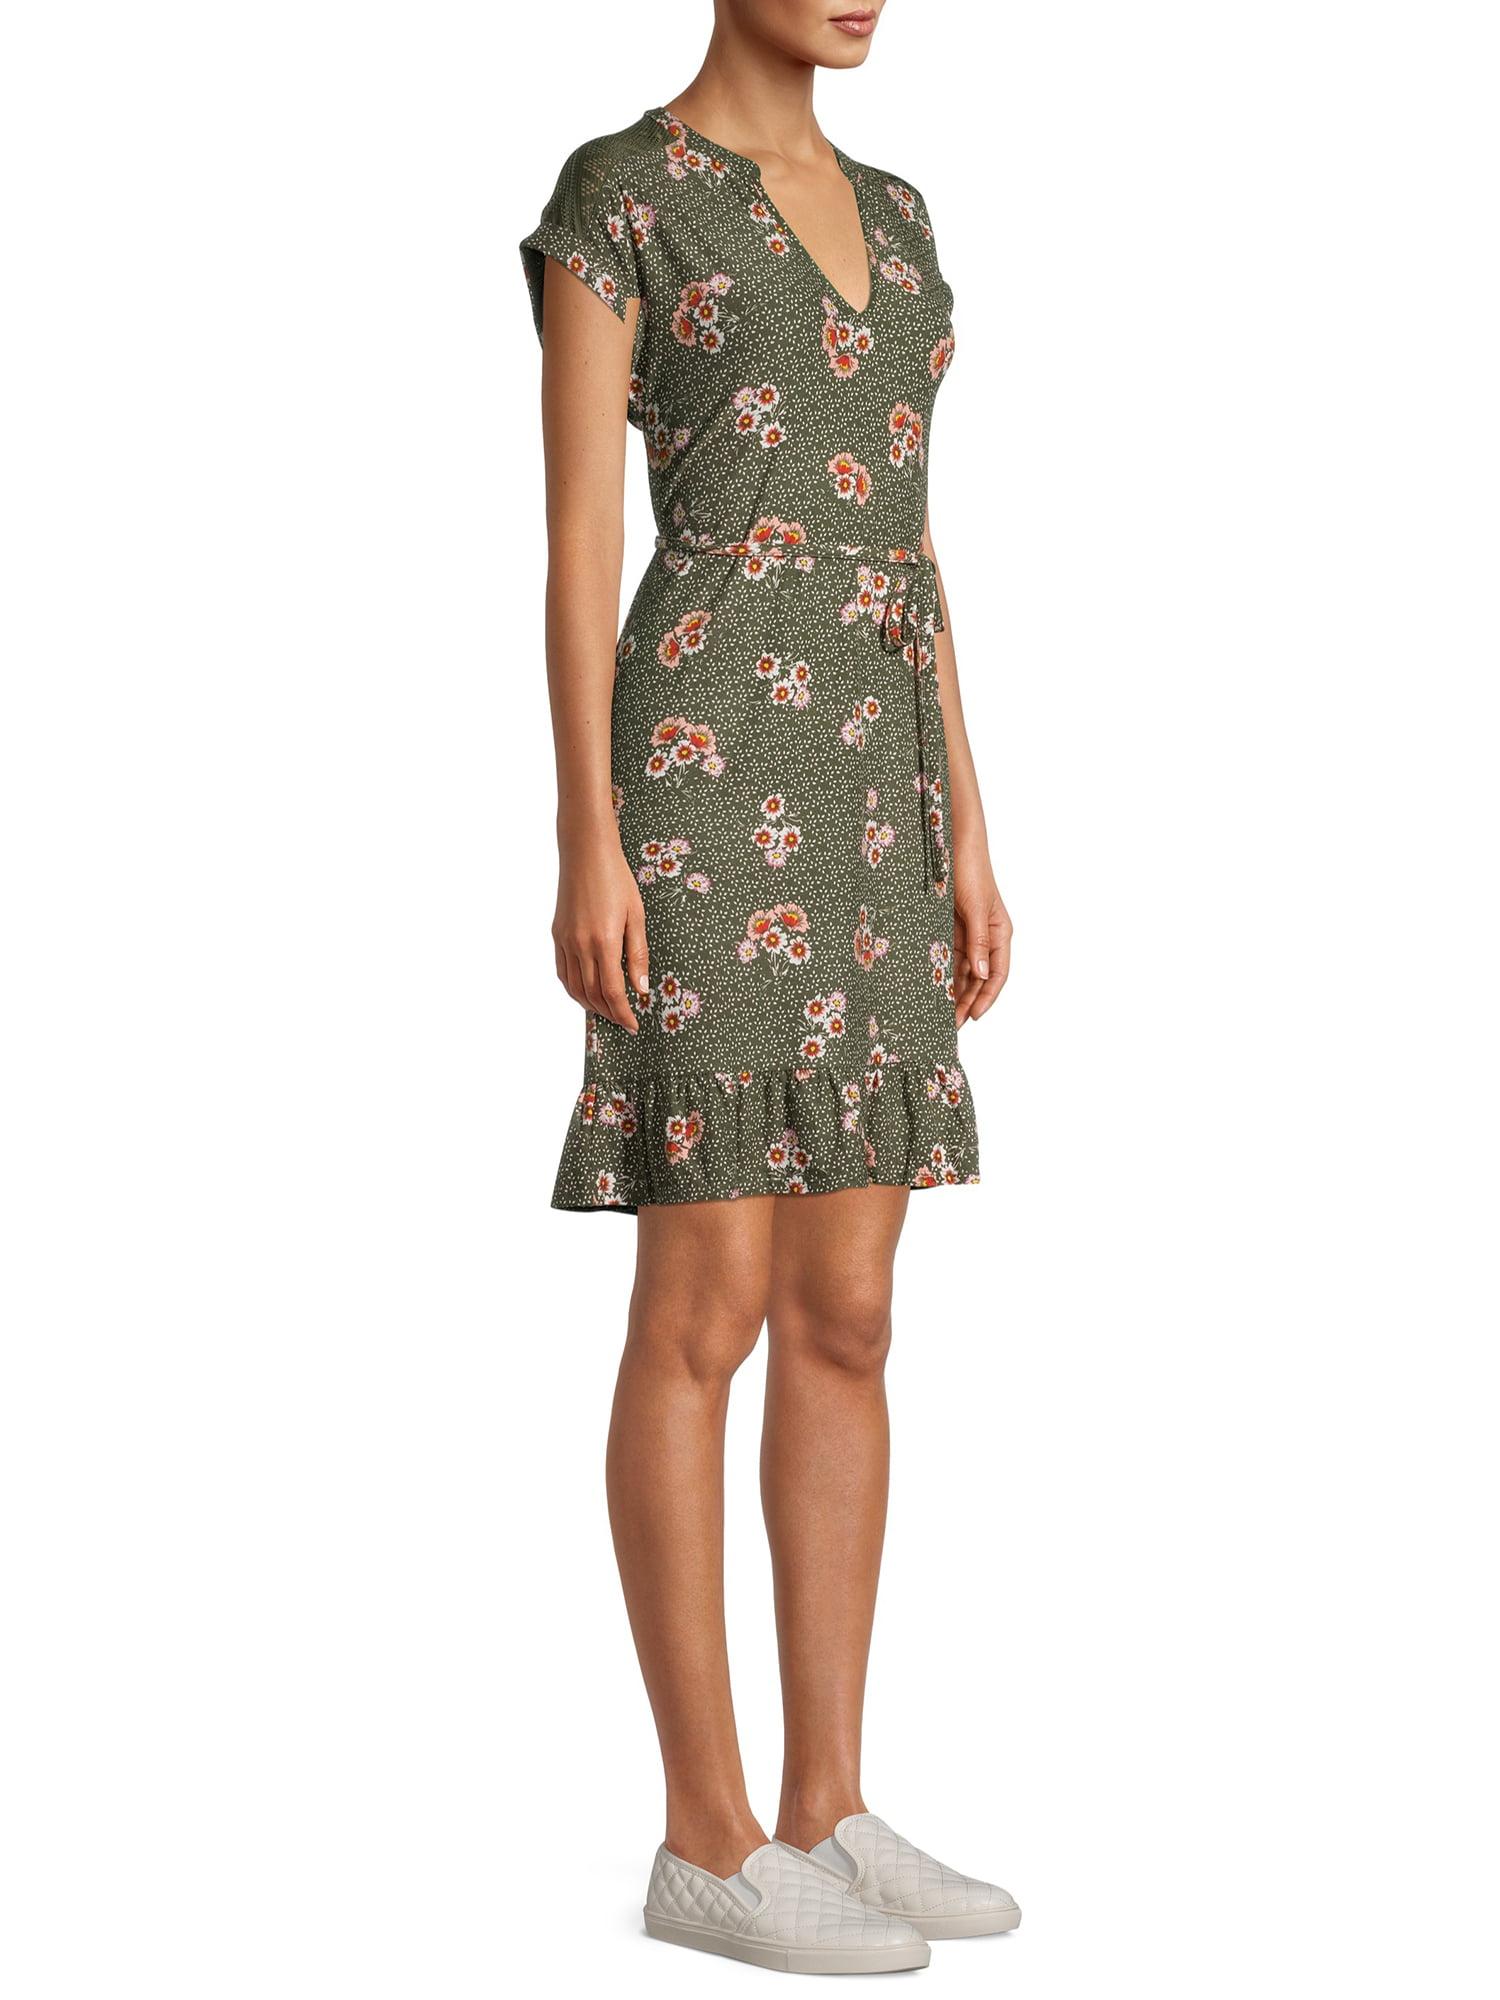 Mint Lace Back Floral Print Dress No Boundaries JUNIORS LARGE 11//13